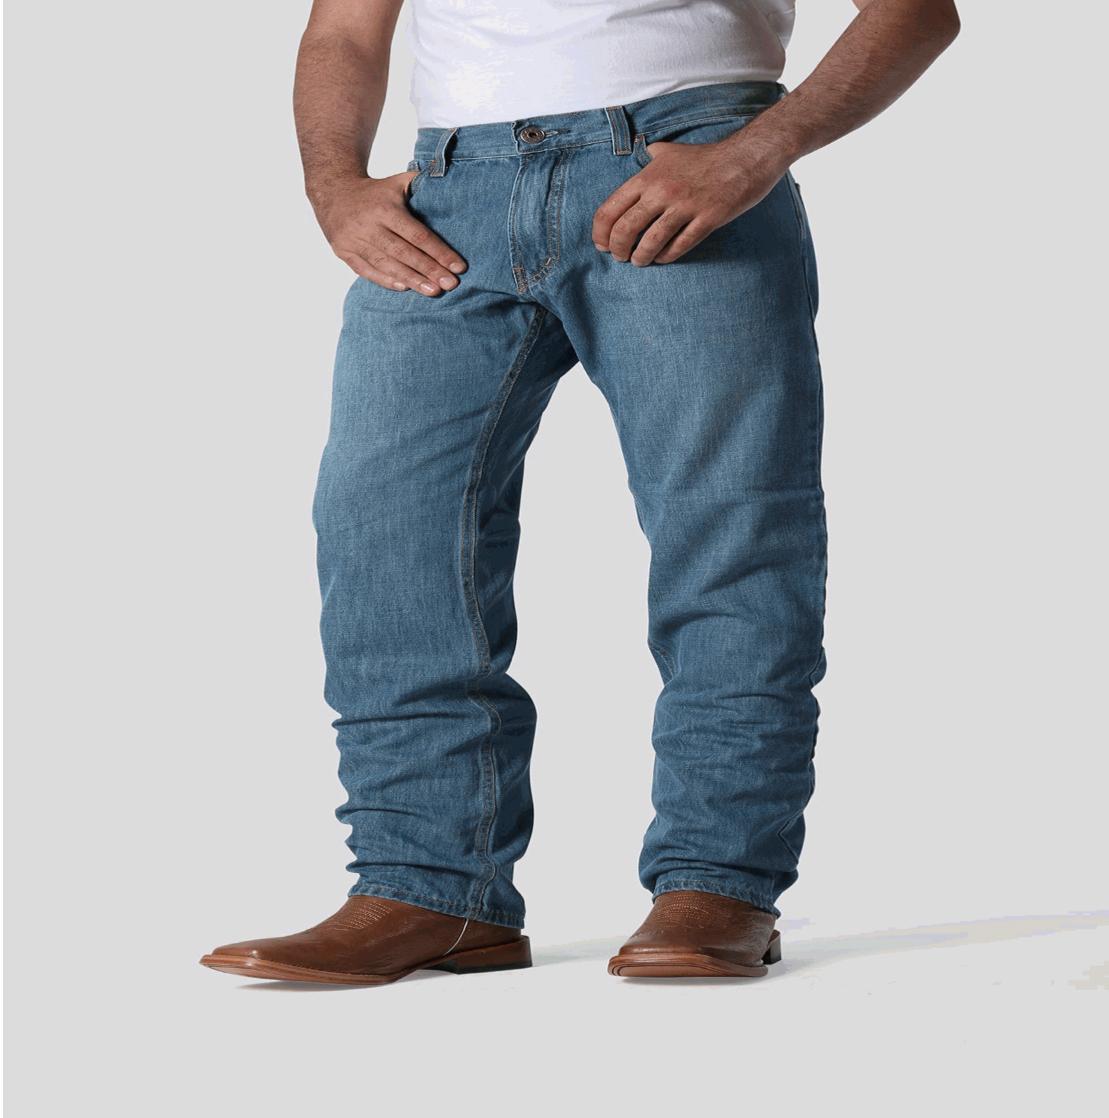 Calça TXC masculina 1055607